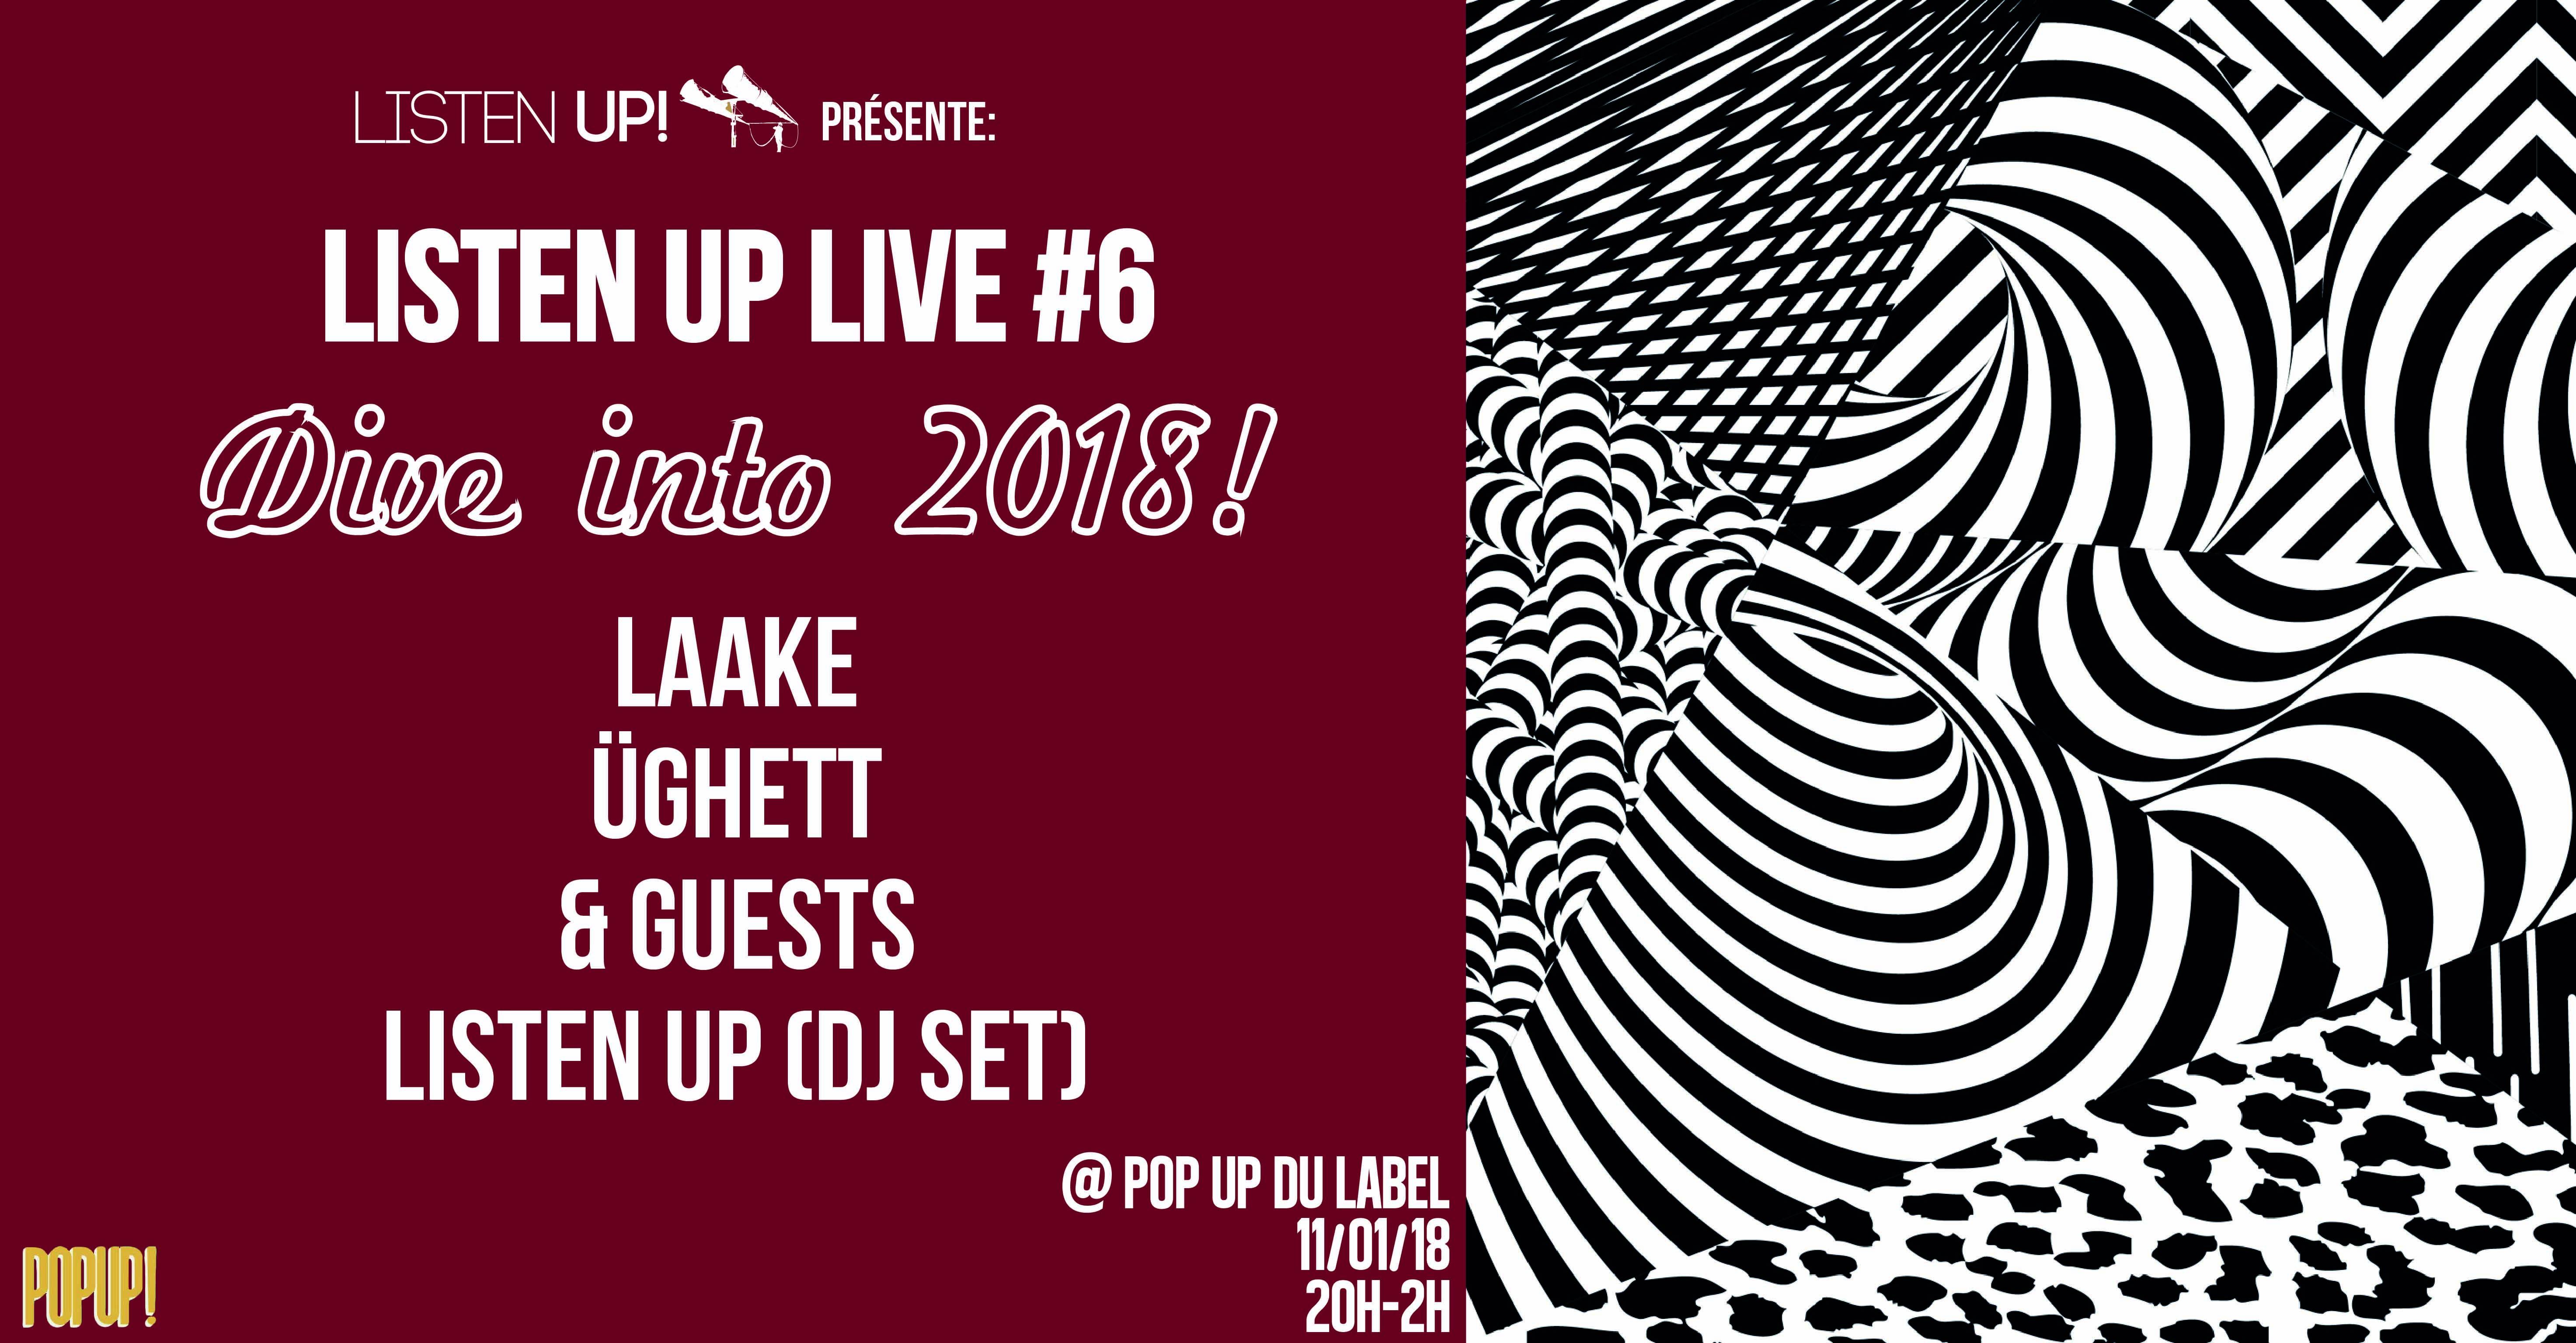 listen up Live #6